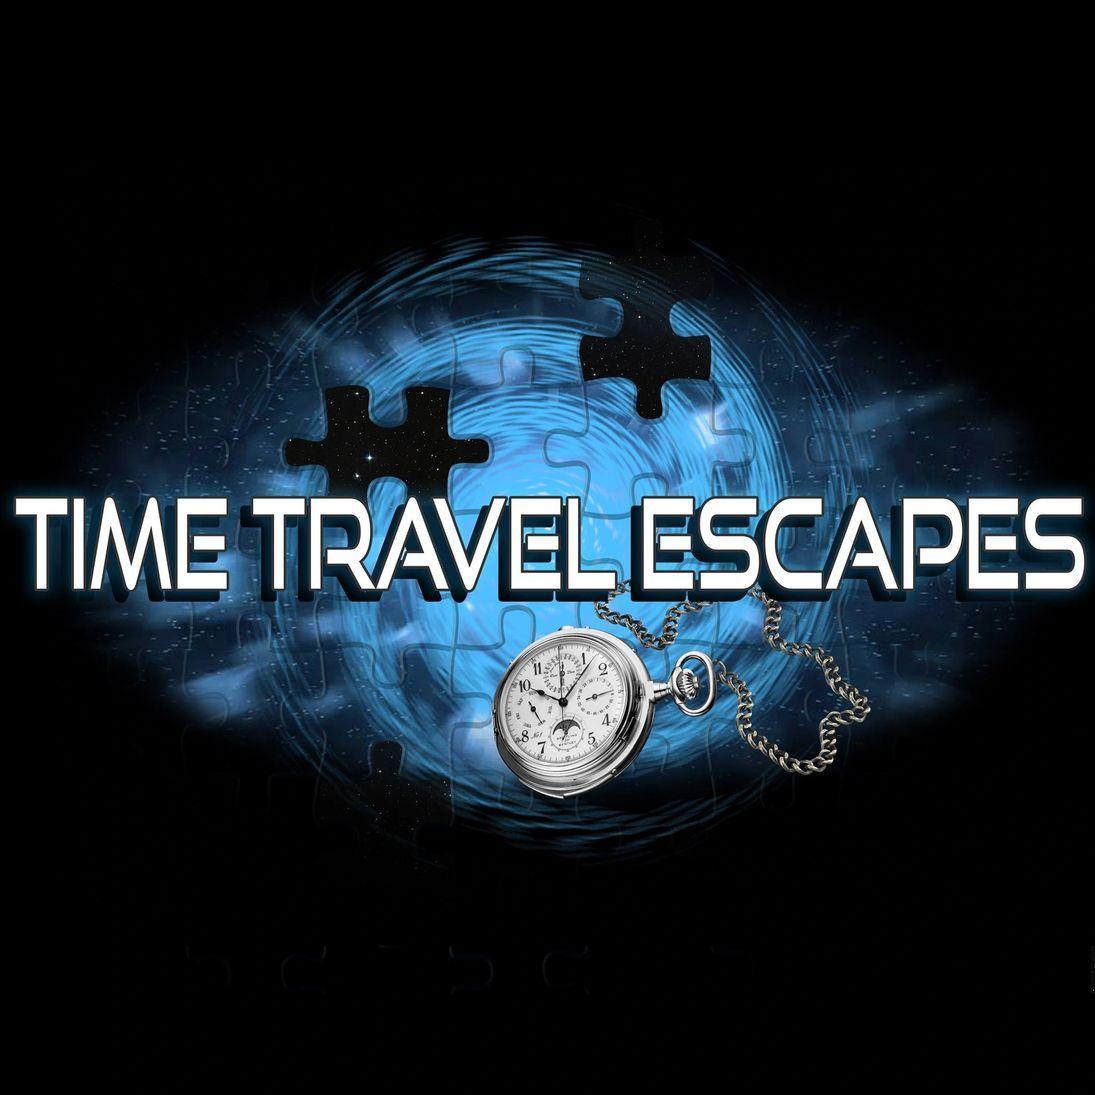 Time Travel Escapes Escape Games Jupiter Time travel